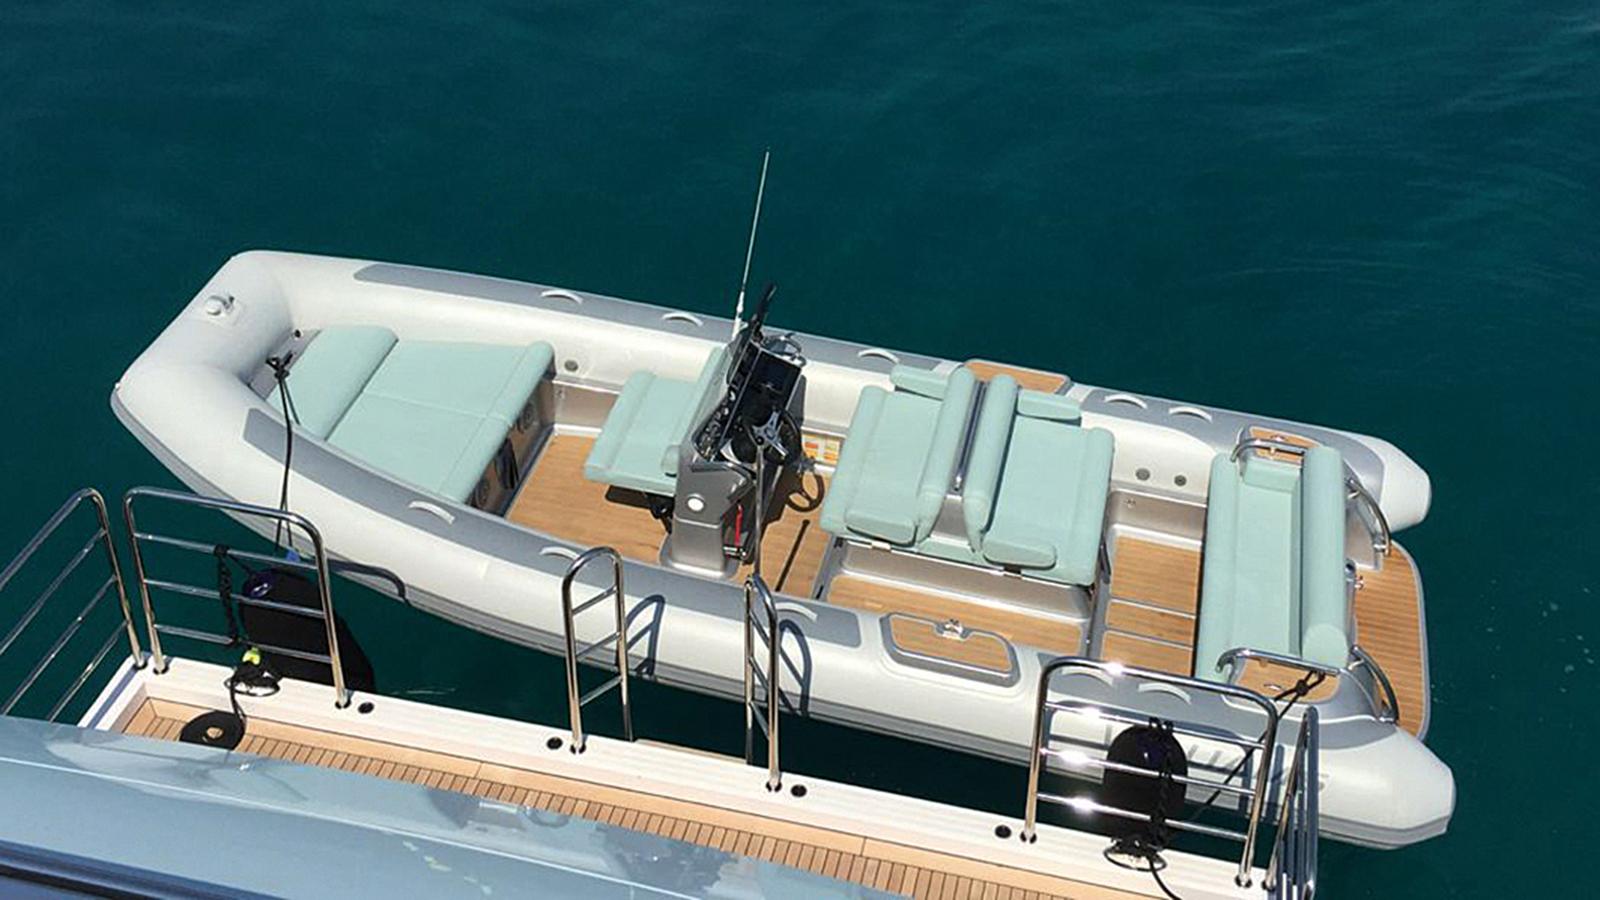 Eddie Jordan Custom Superyacht Tender Williams Dieseljet 625